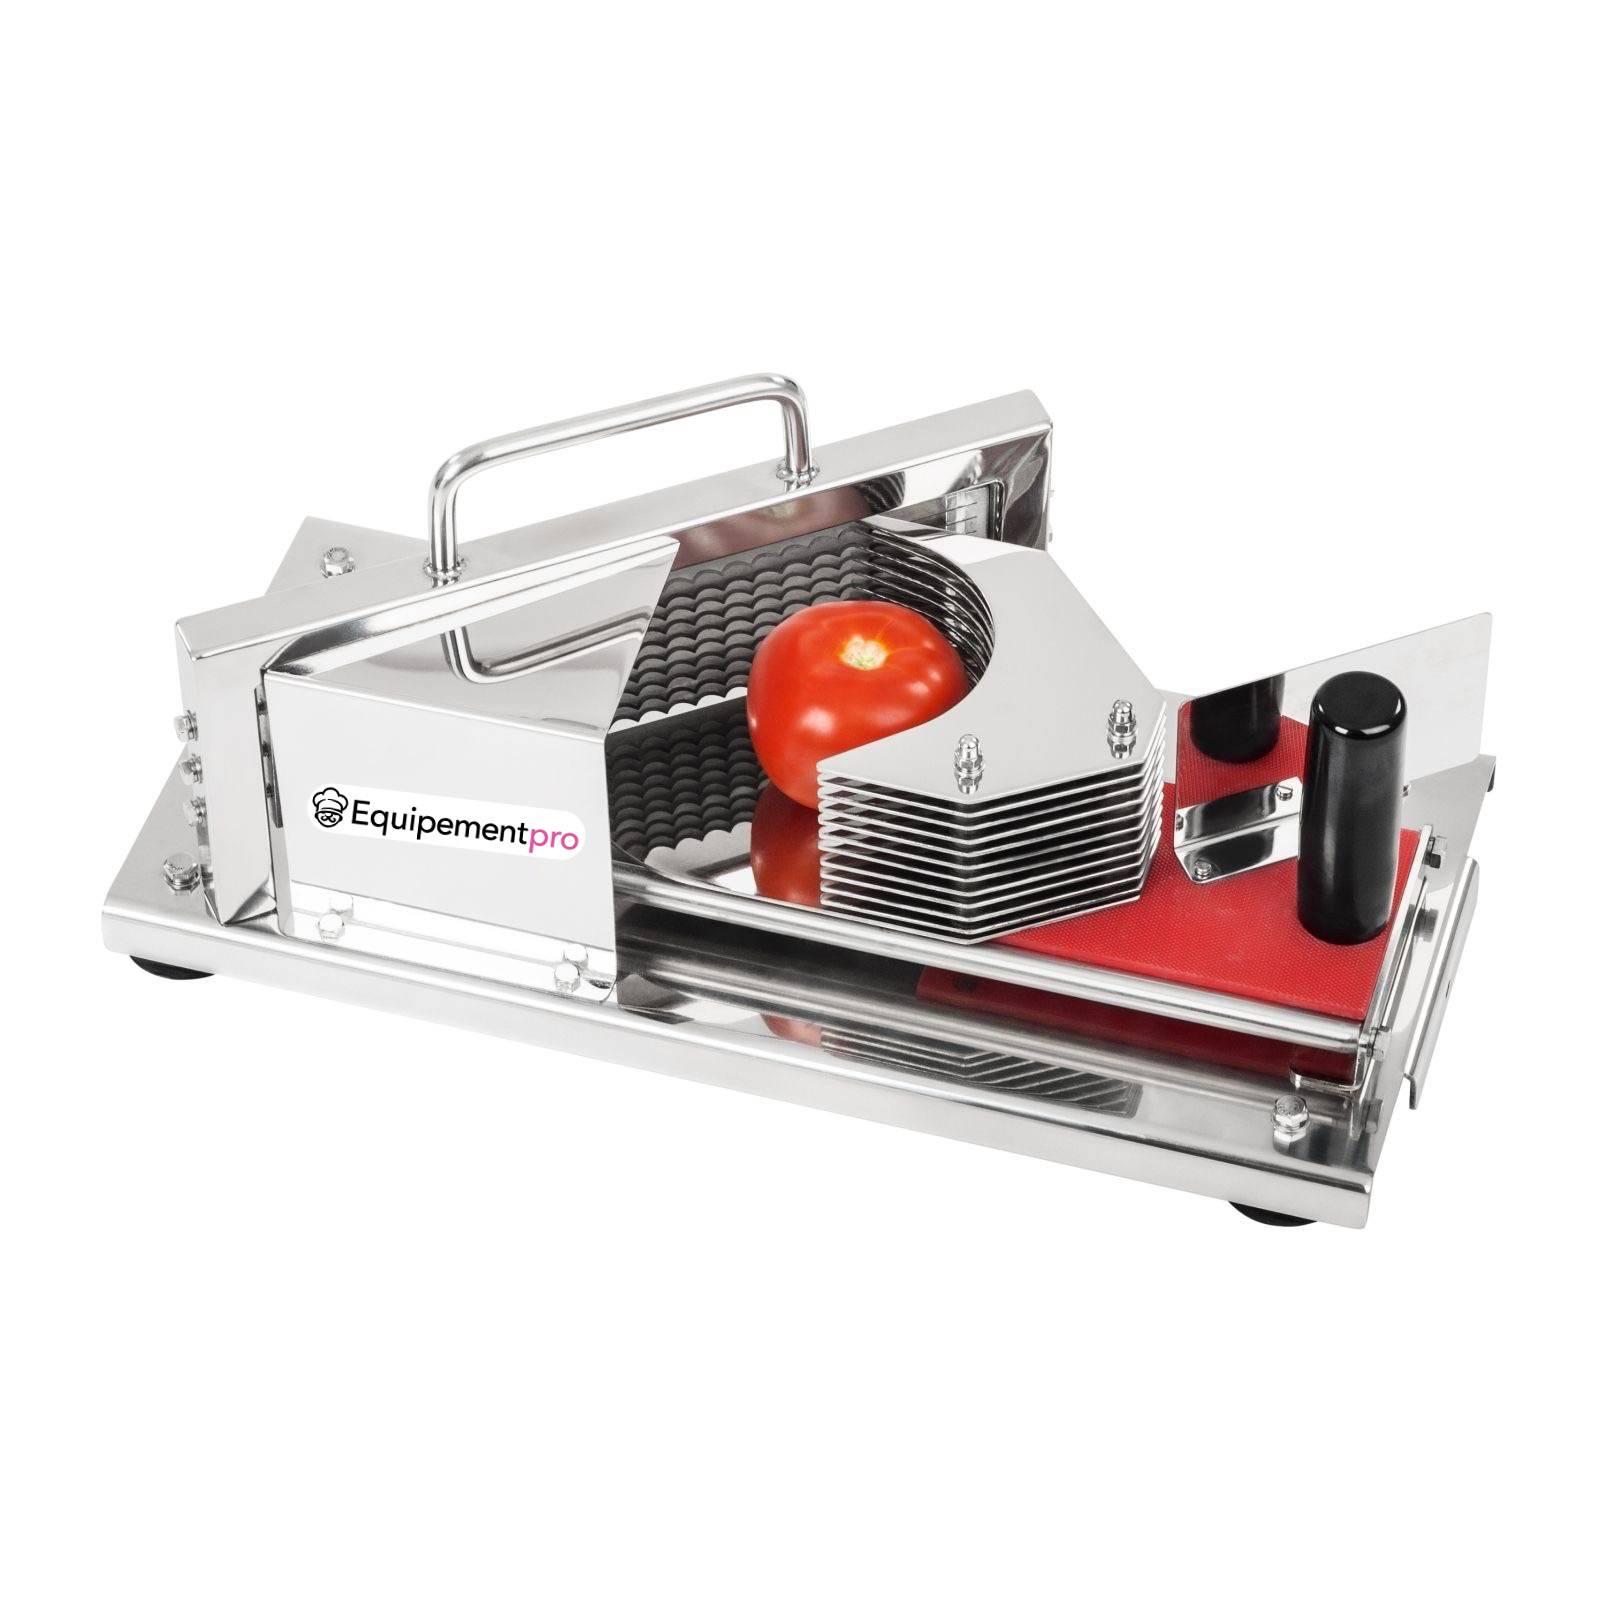 Coupe tomate professionnel en inox 4 mm equipementpro prix r - Machine a couper le pain professionnel ...